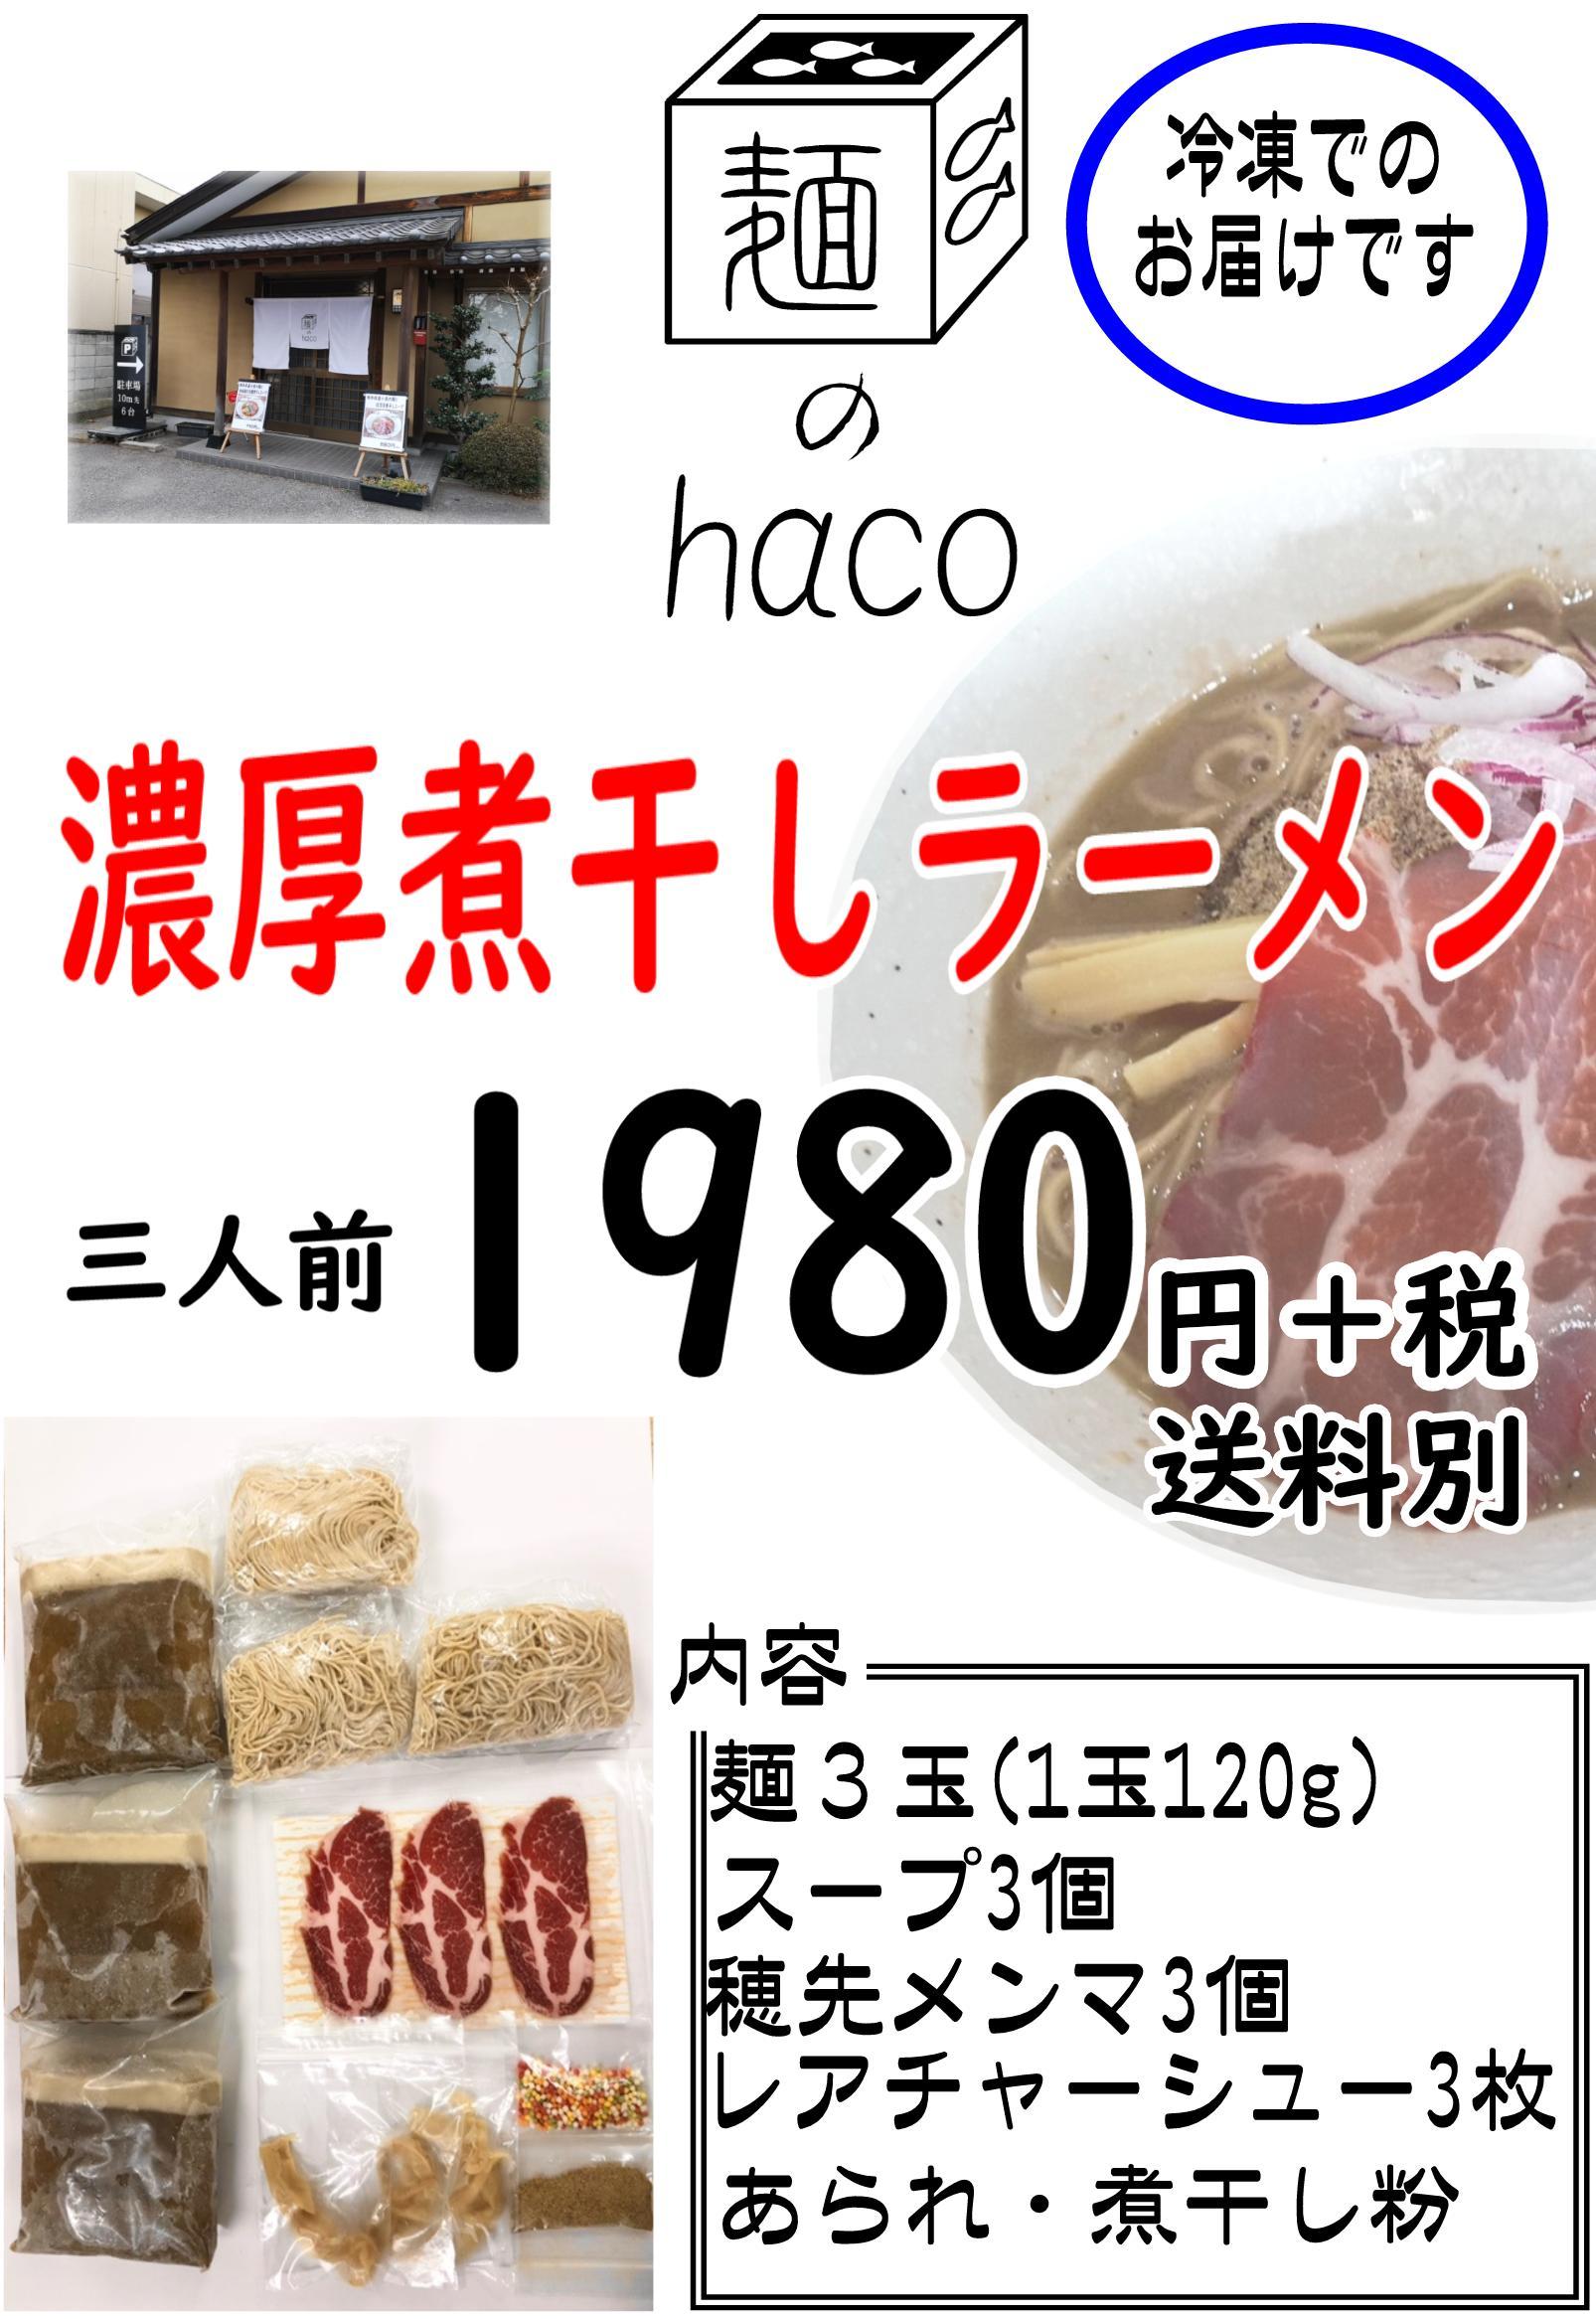 麺のhaco ラーメン三人前セット